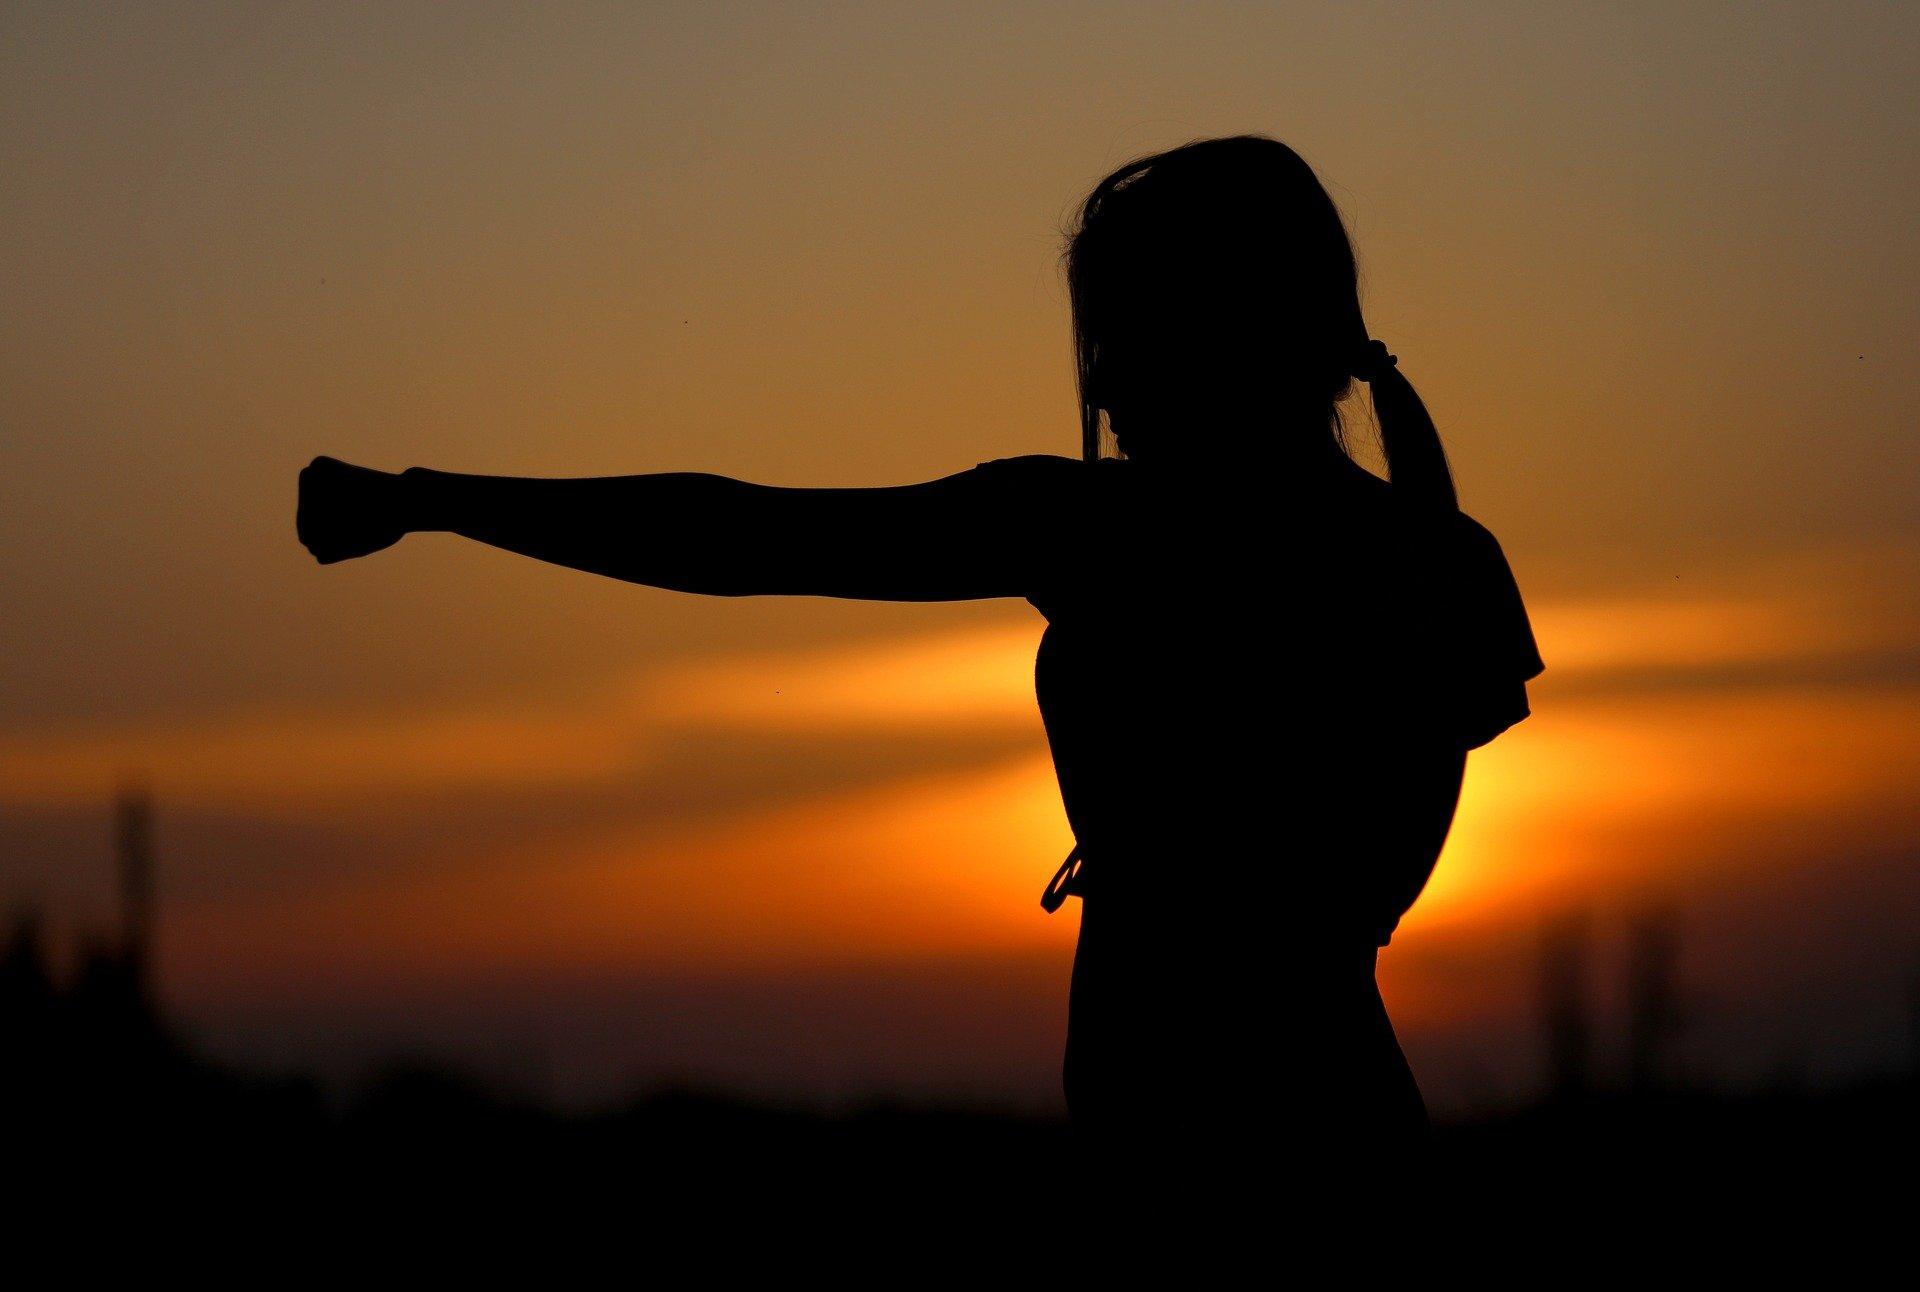 sagoma di una donna al tramonto che si allena a tirare pugni